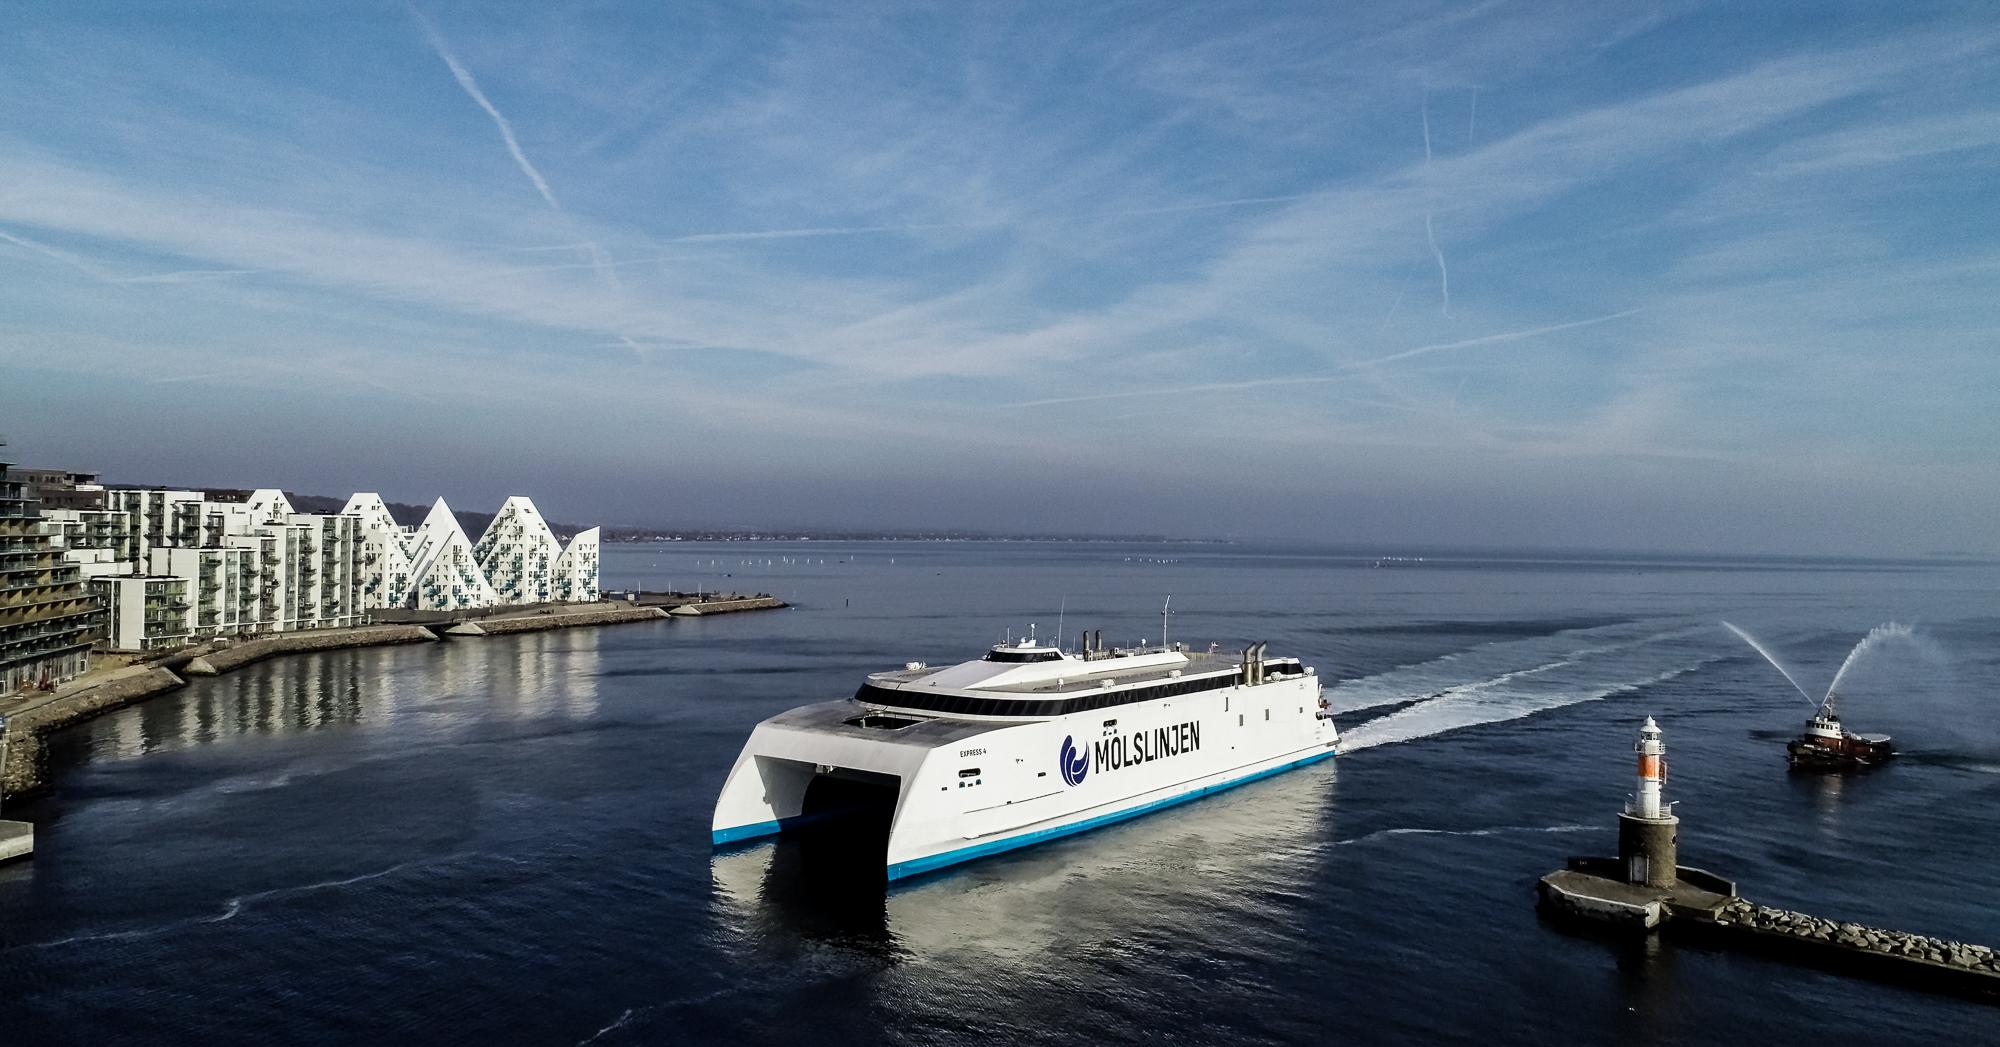 Molslinjen med ni danske færgeruter har igen skiftet ejer og ejes nu af svenske investeringsfond EQT Infrastructure. Pressefoto: Molslinjen.